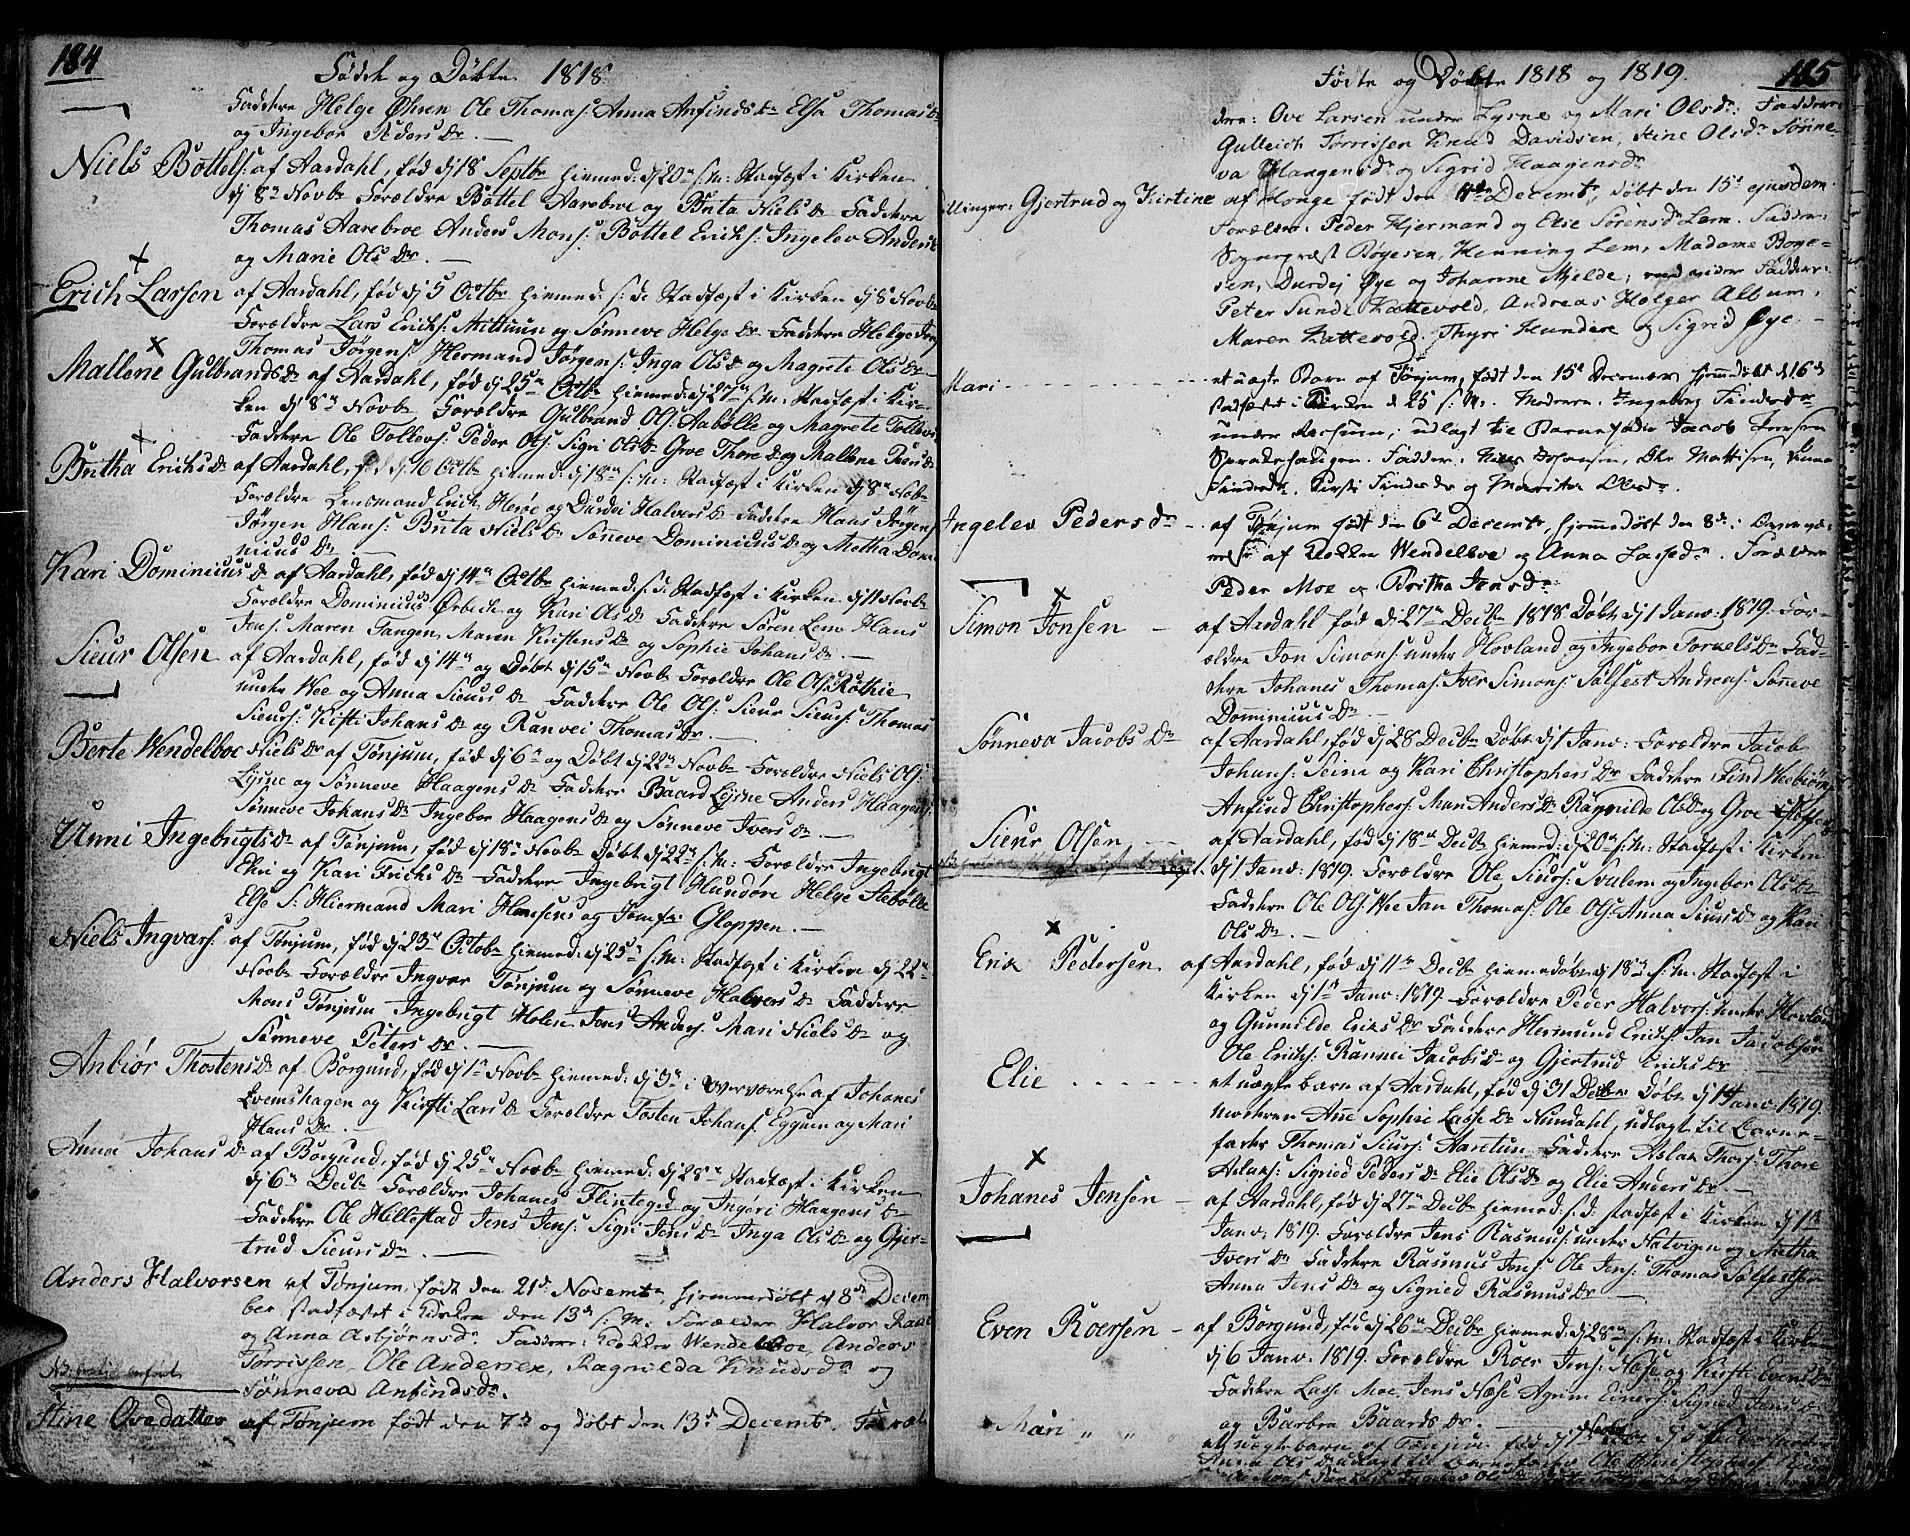 SAB, Lærdal sokneprestembete, Ministerialbok nr. A 4, 1805-1821, s. 184-185